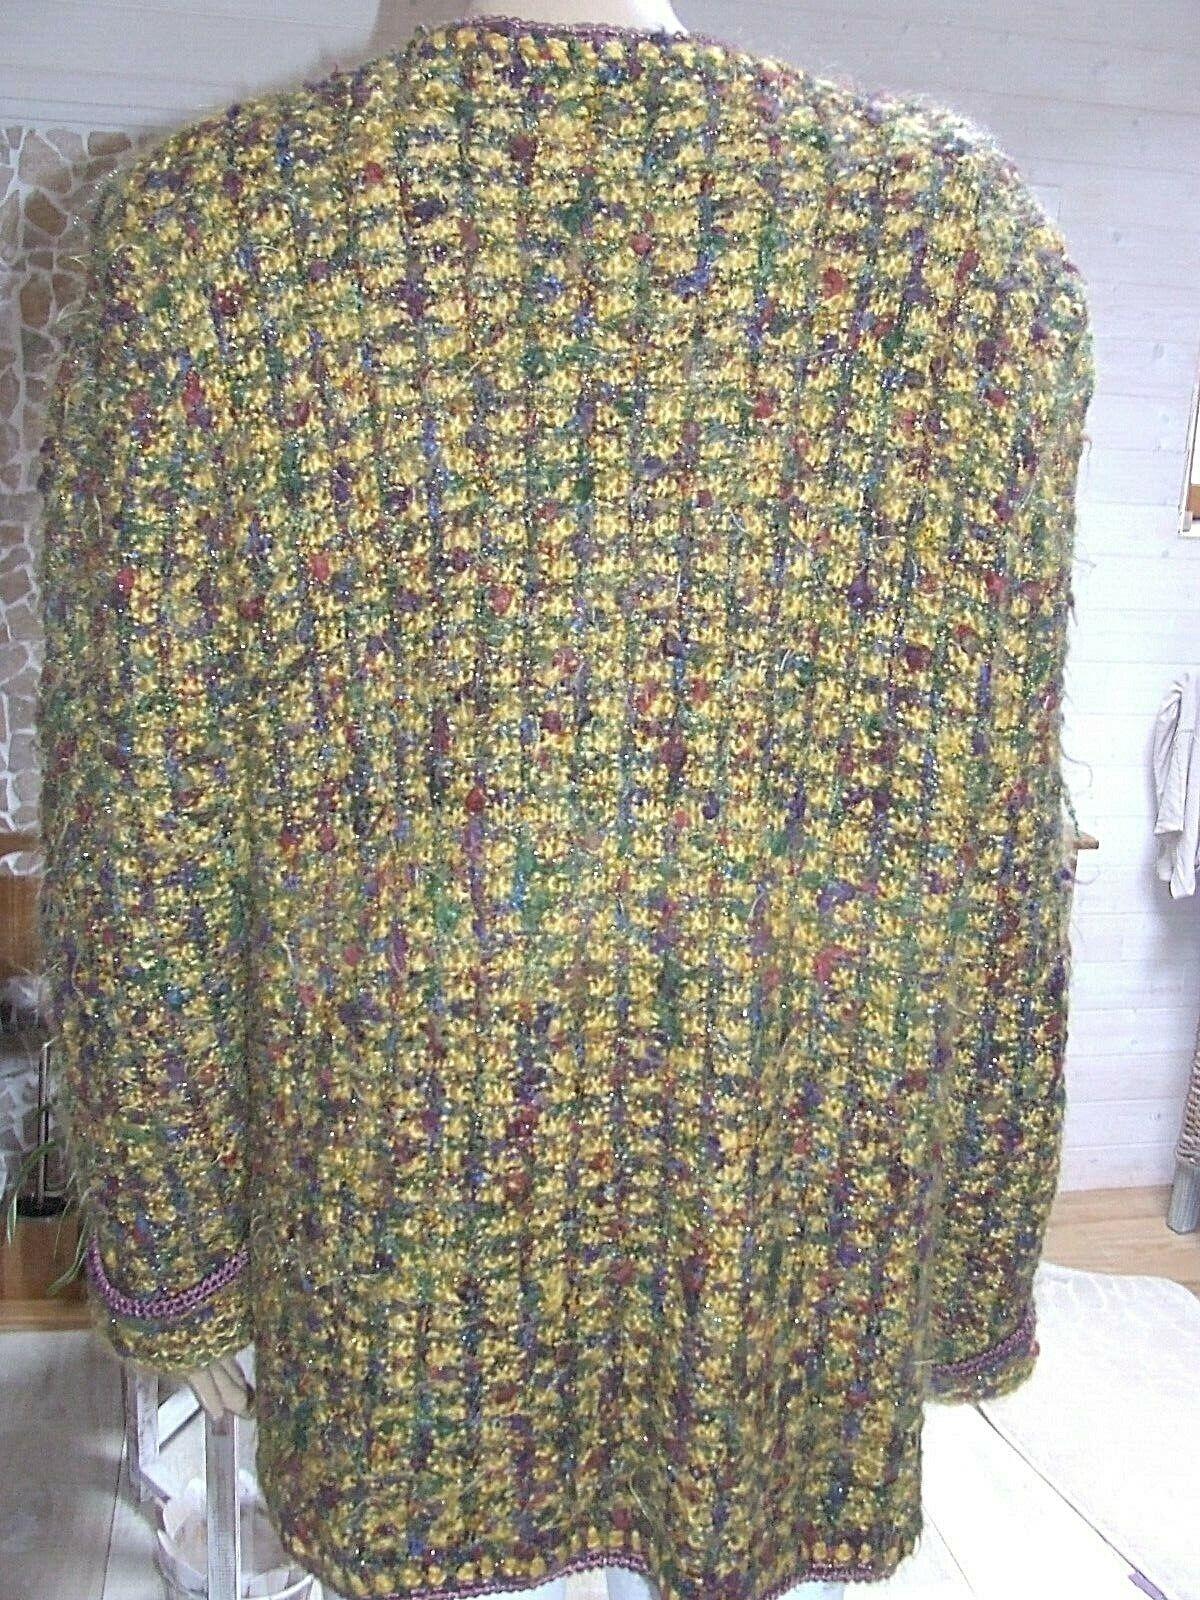 Magnifique pull vintage  tricoté main  avec mohair  georges picaud  taille 44